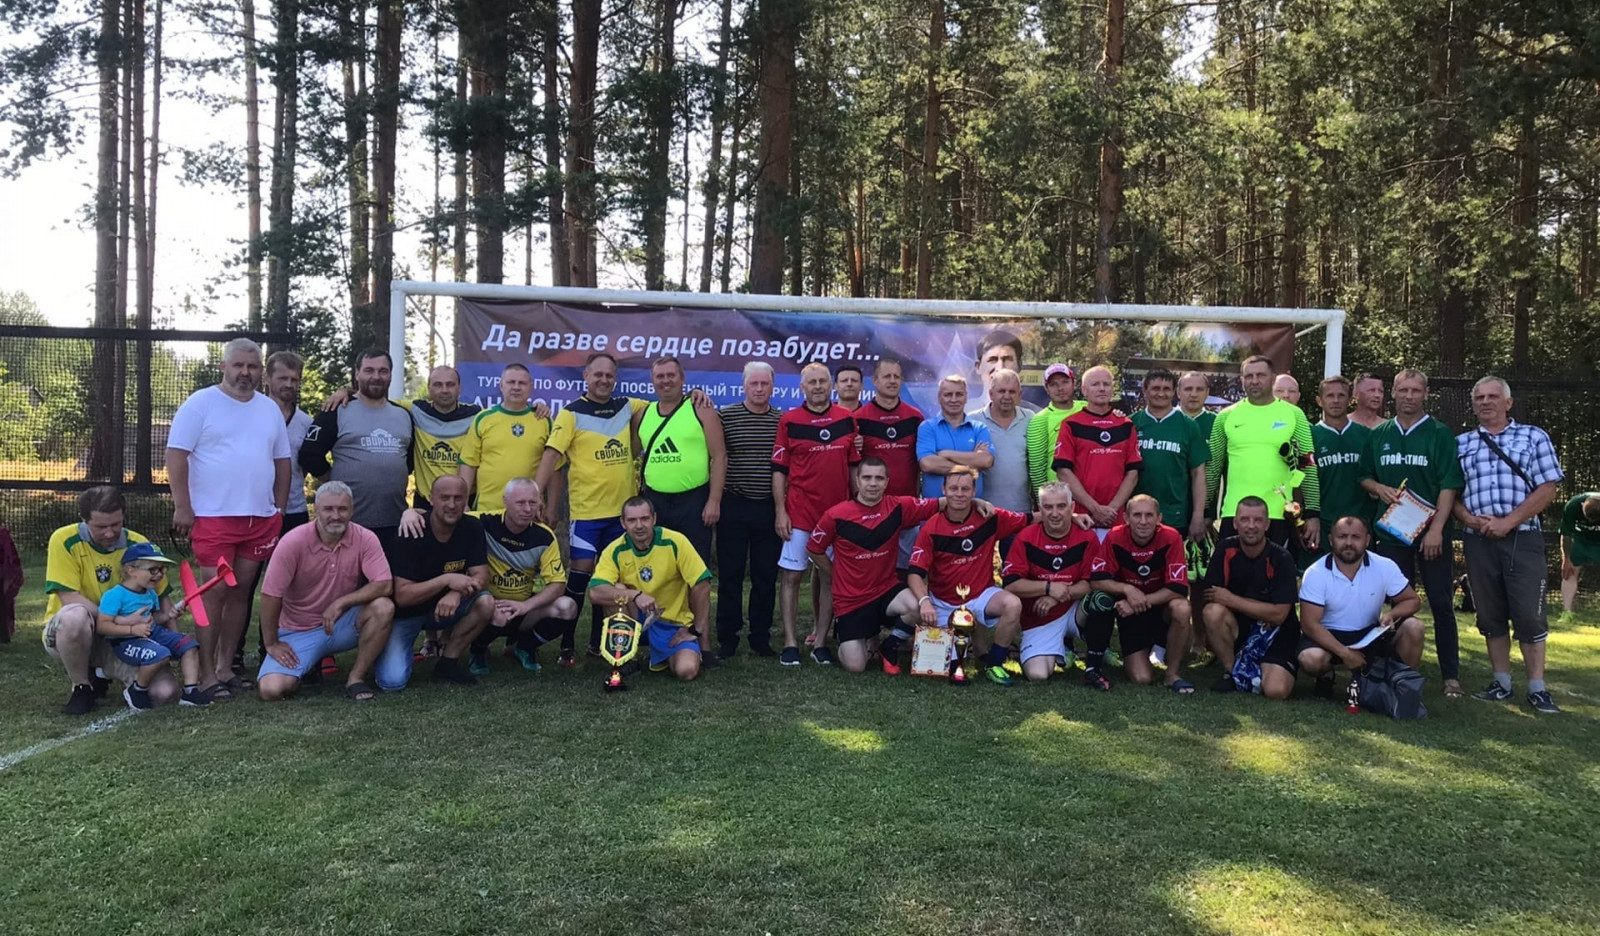 Ветераны почтили память заслуженного тренера Анатолия Власова